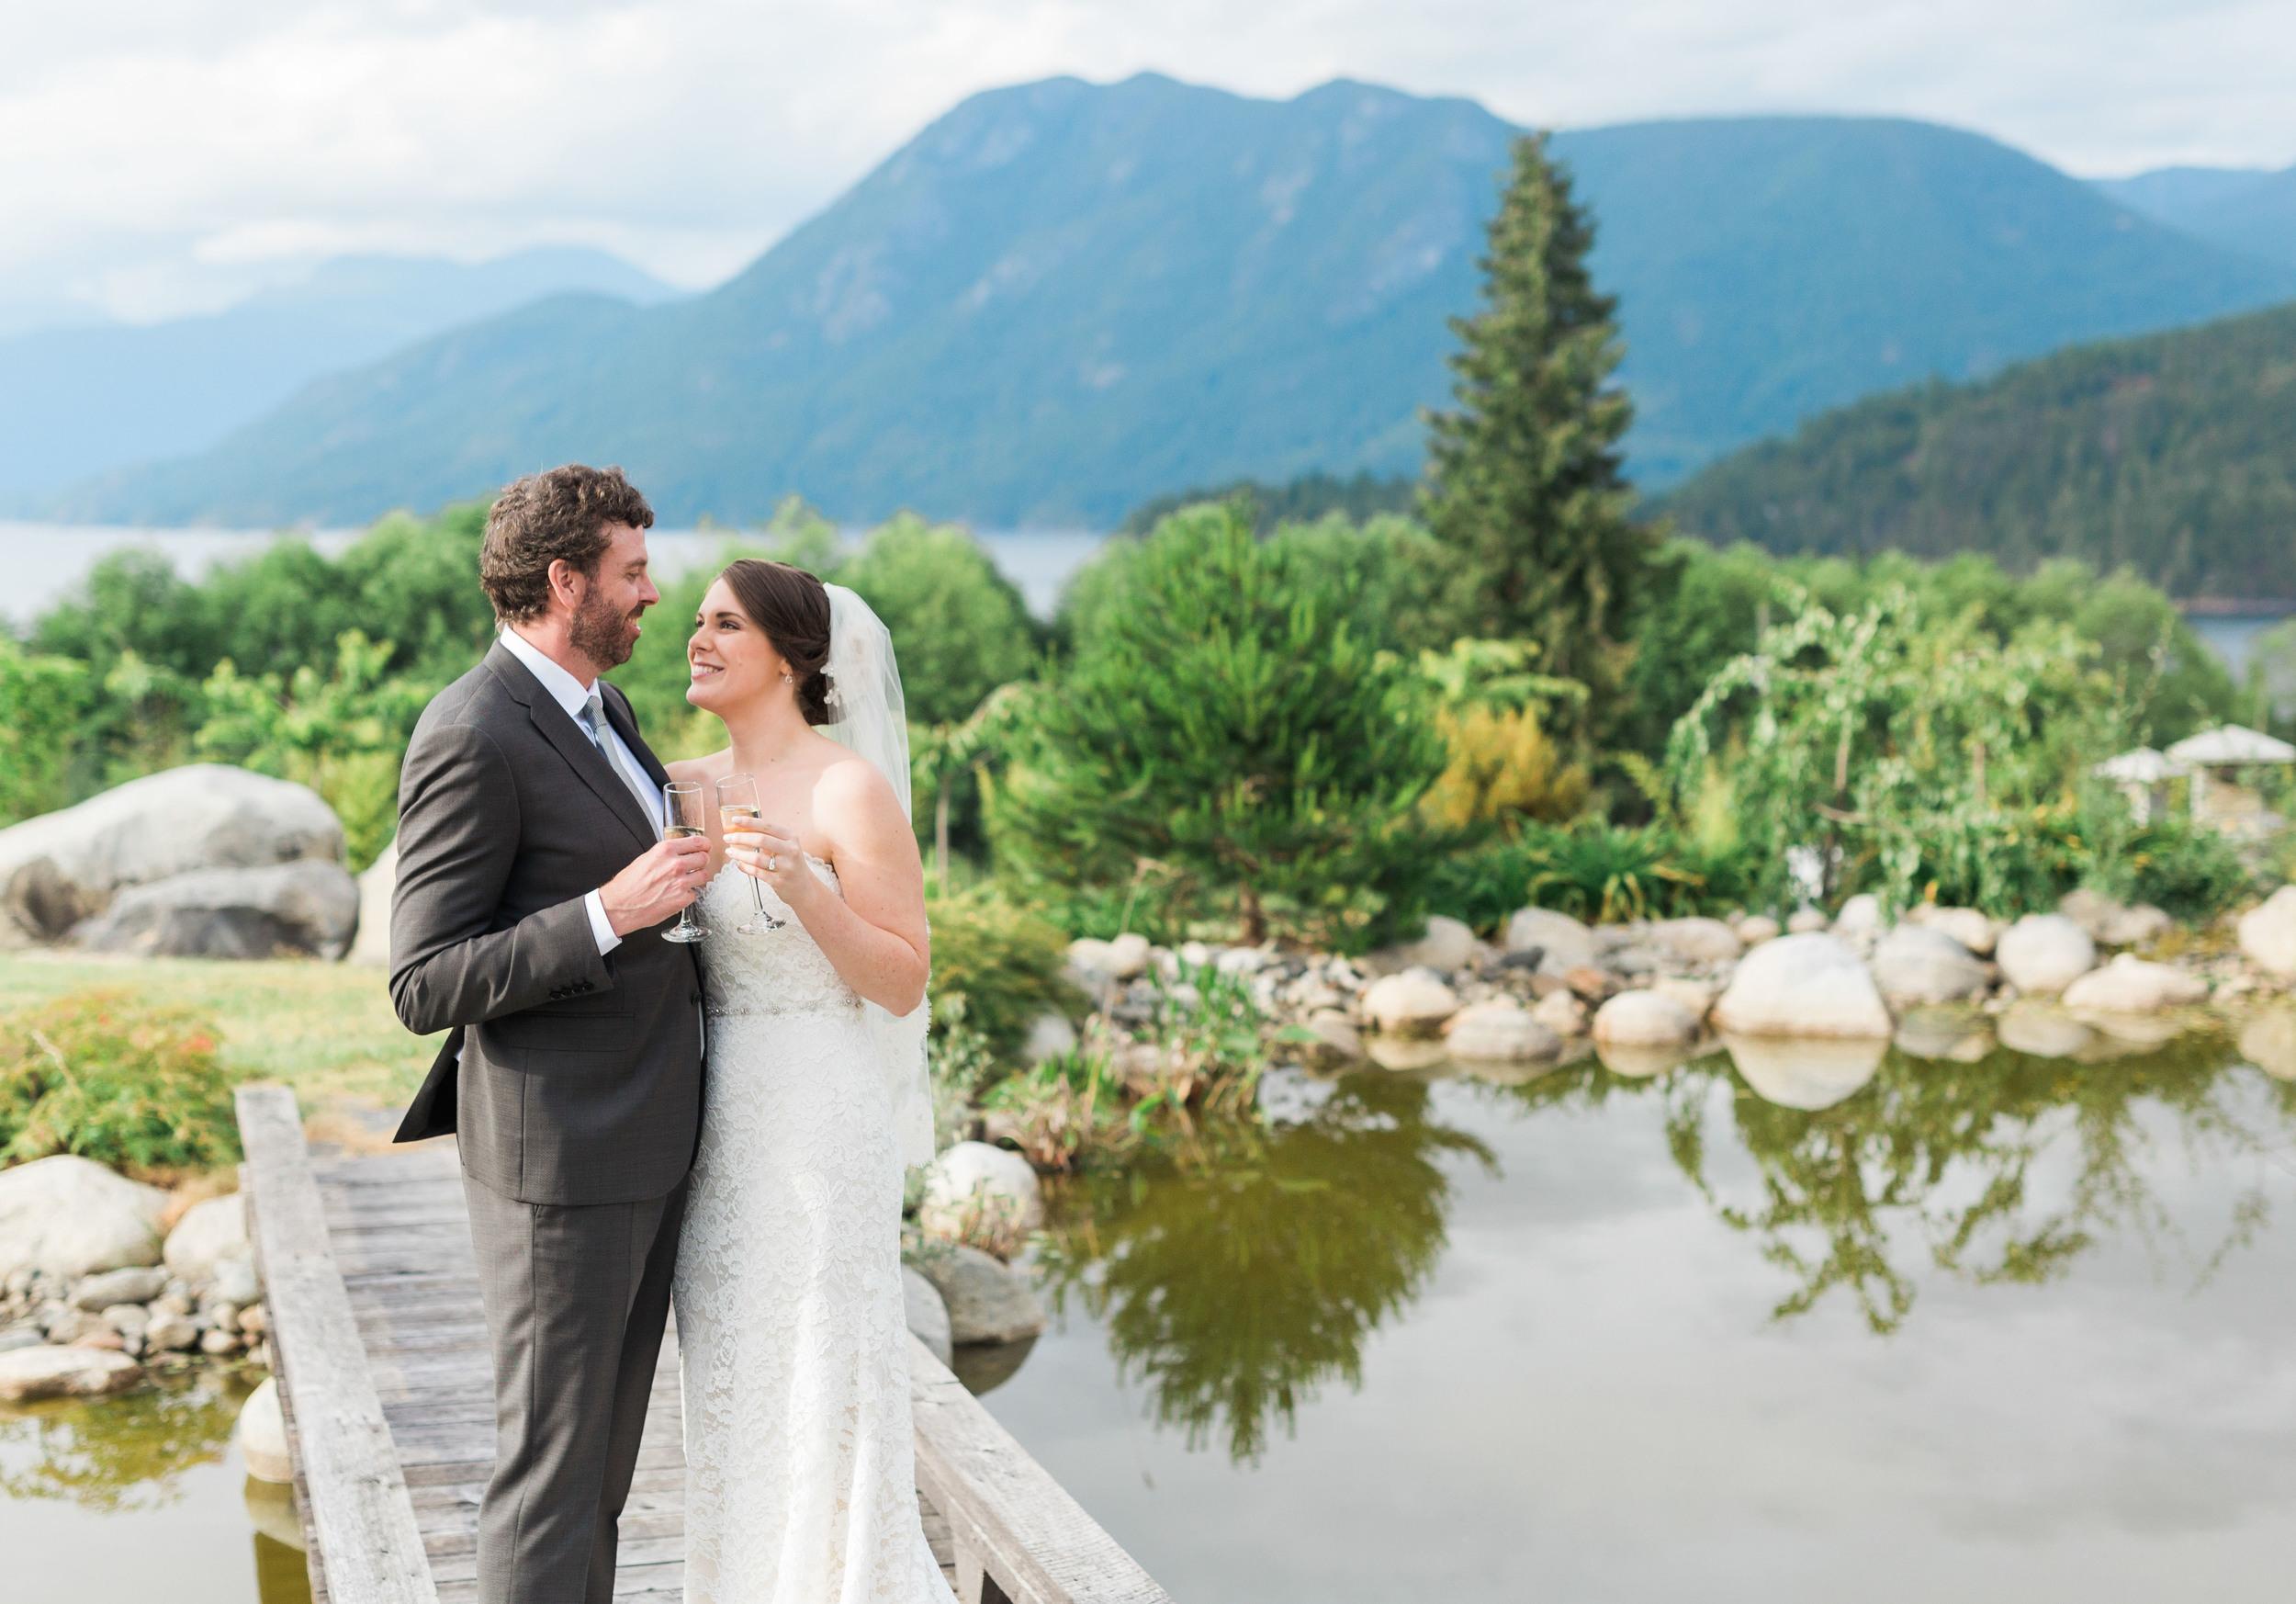 SunshineCoast-BC-Wedding-Photographer062.jpg